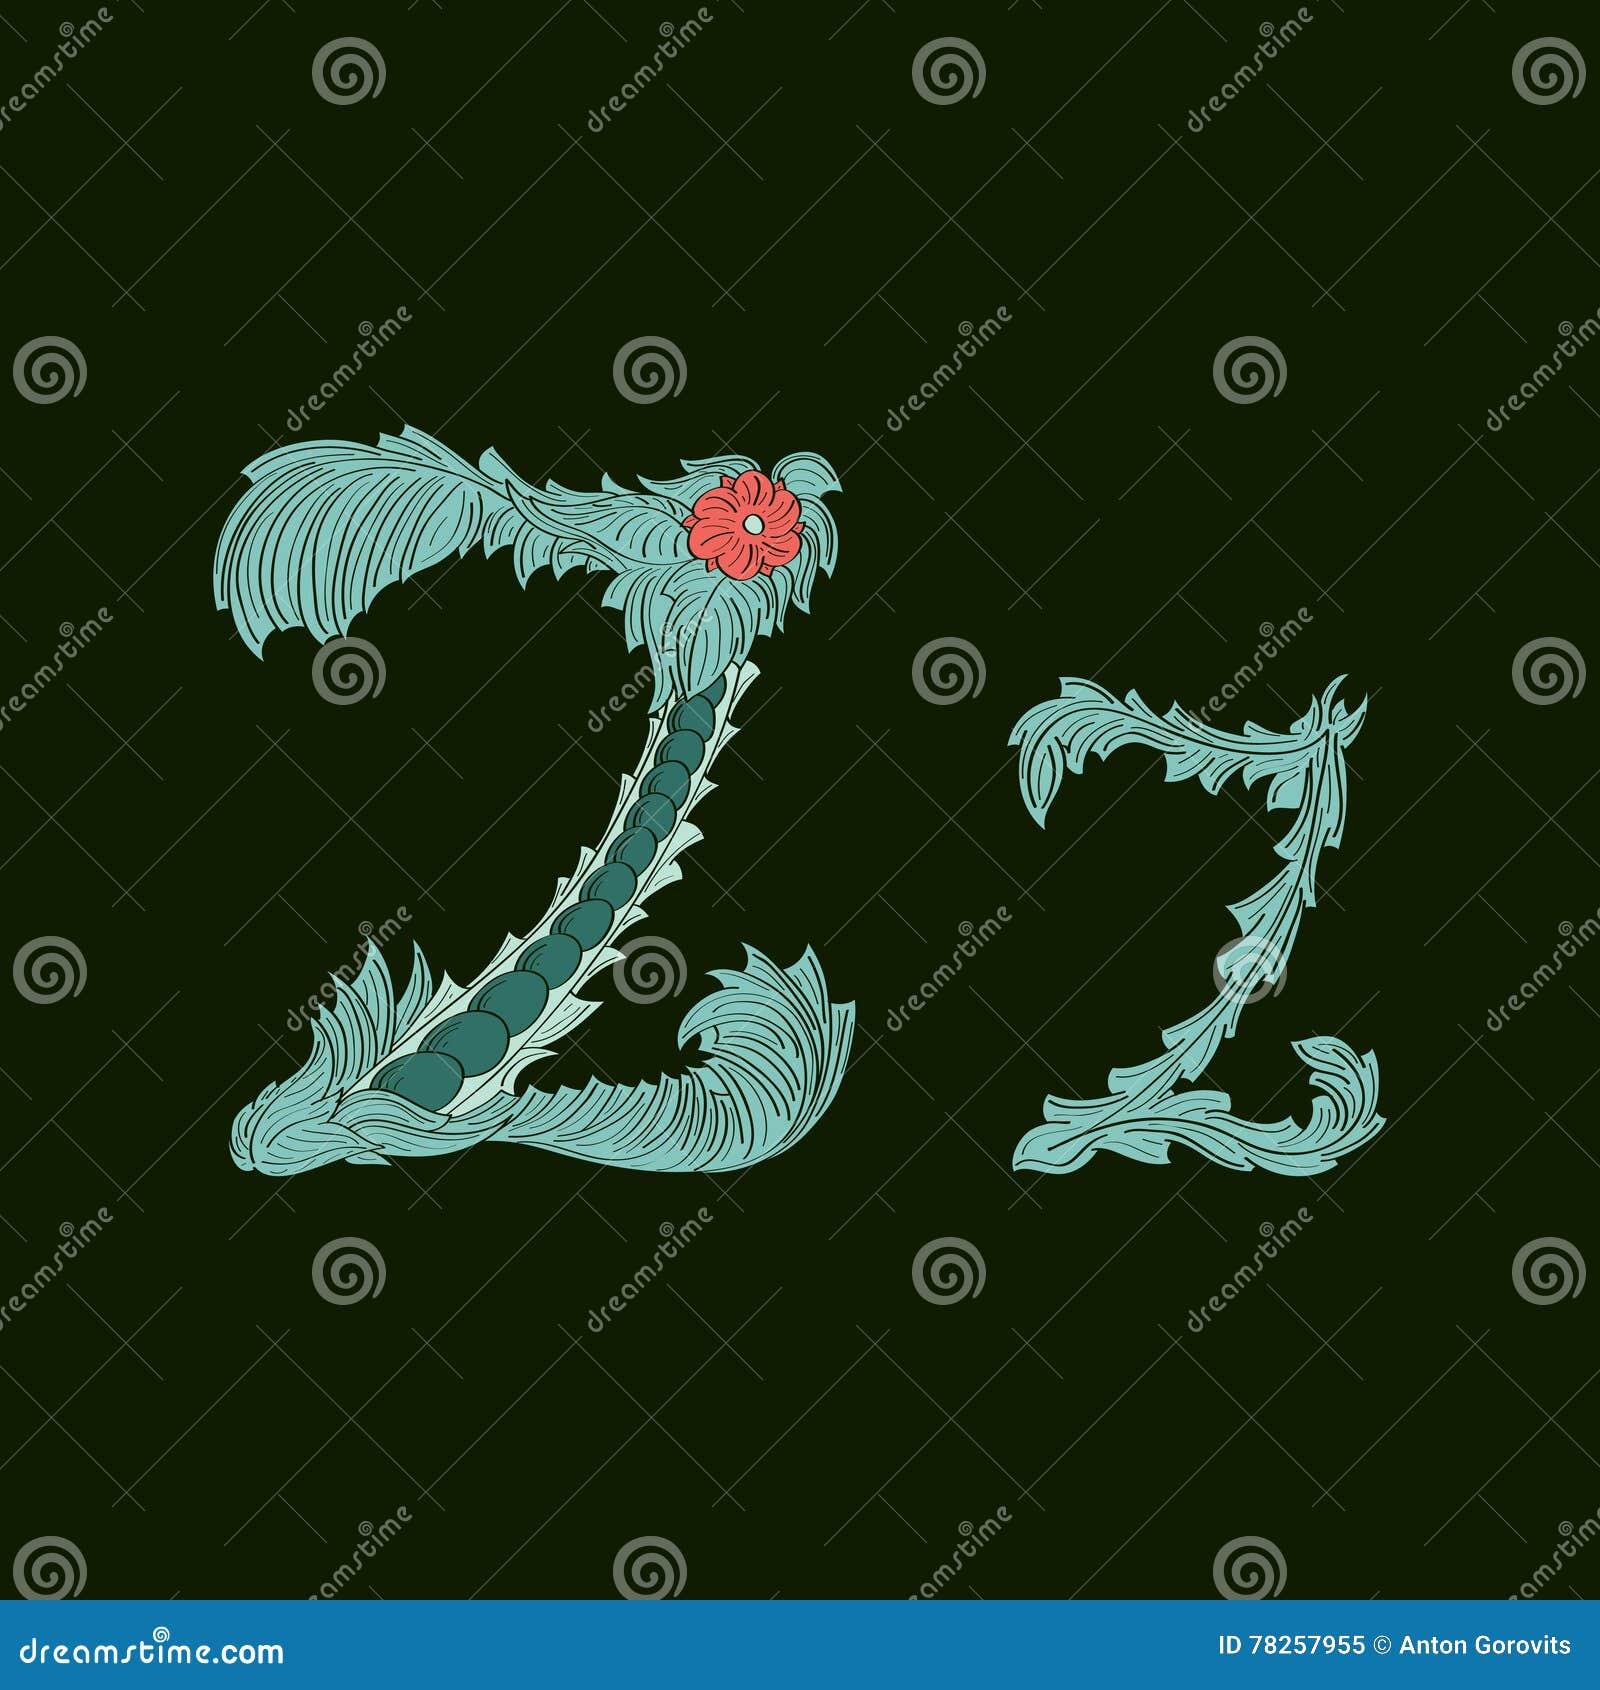 Αφηρημένο εικονίδιο λογότυπων γραμμάτων Ζ στο μπλε τροπικό ύφος